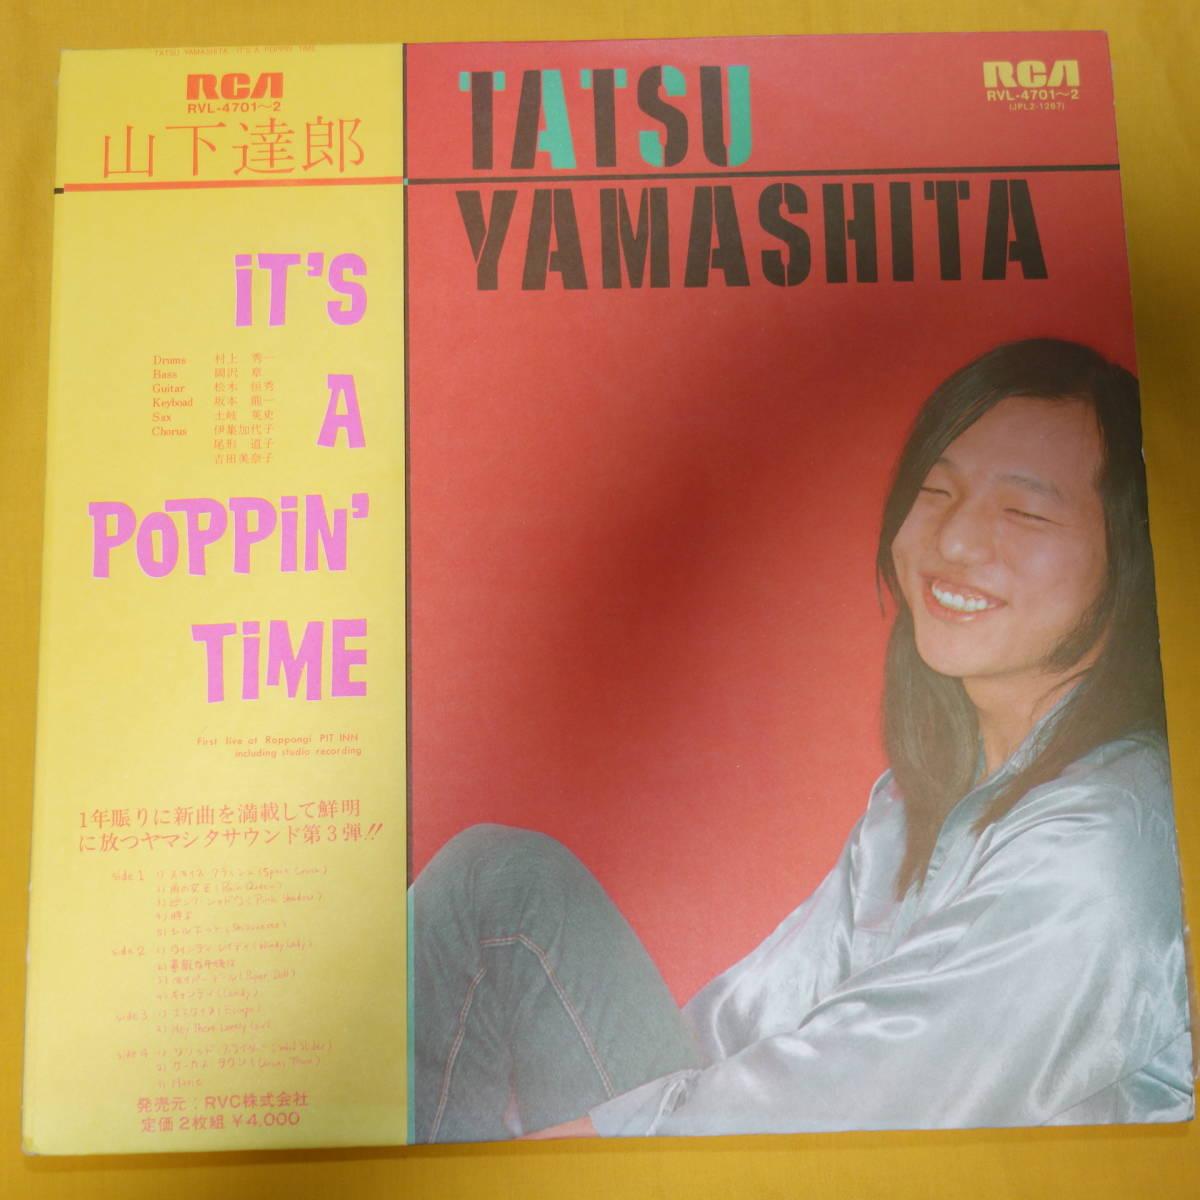 山下達郎 2枚組 RVL-4701~2 IT's A POPPIN' TIME / 帯付き 歌詞カード付き LP レコード アナログ盤 シティーポップ_画像2